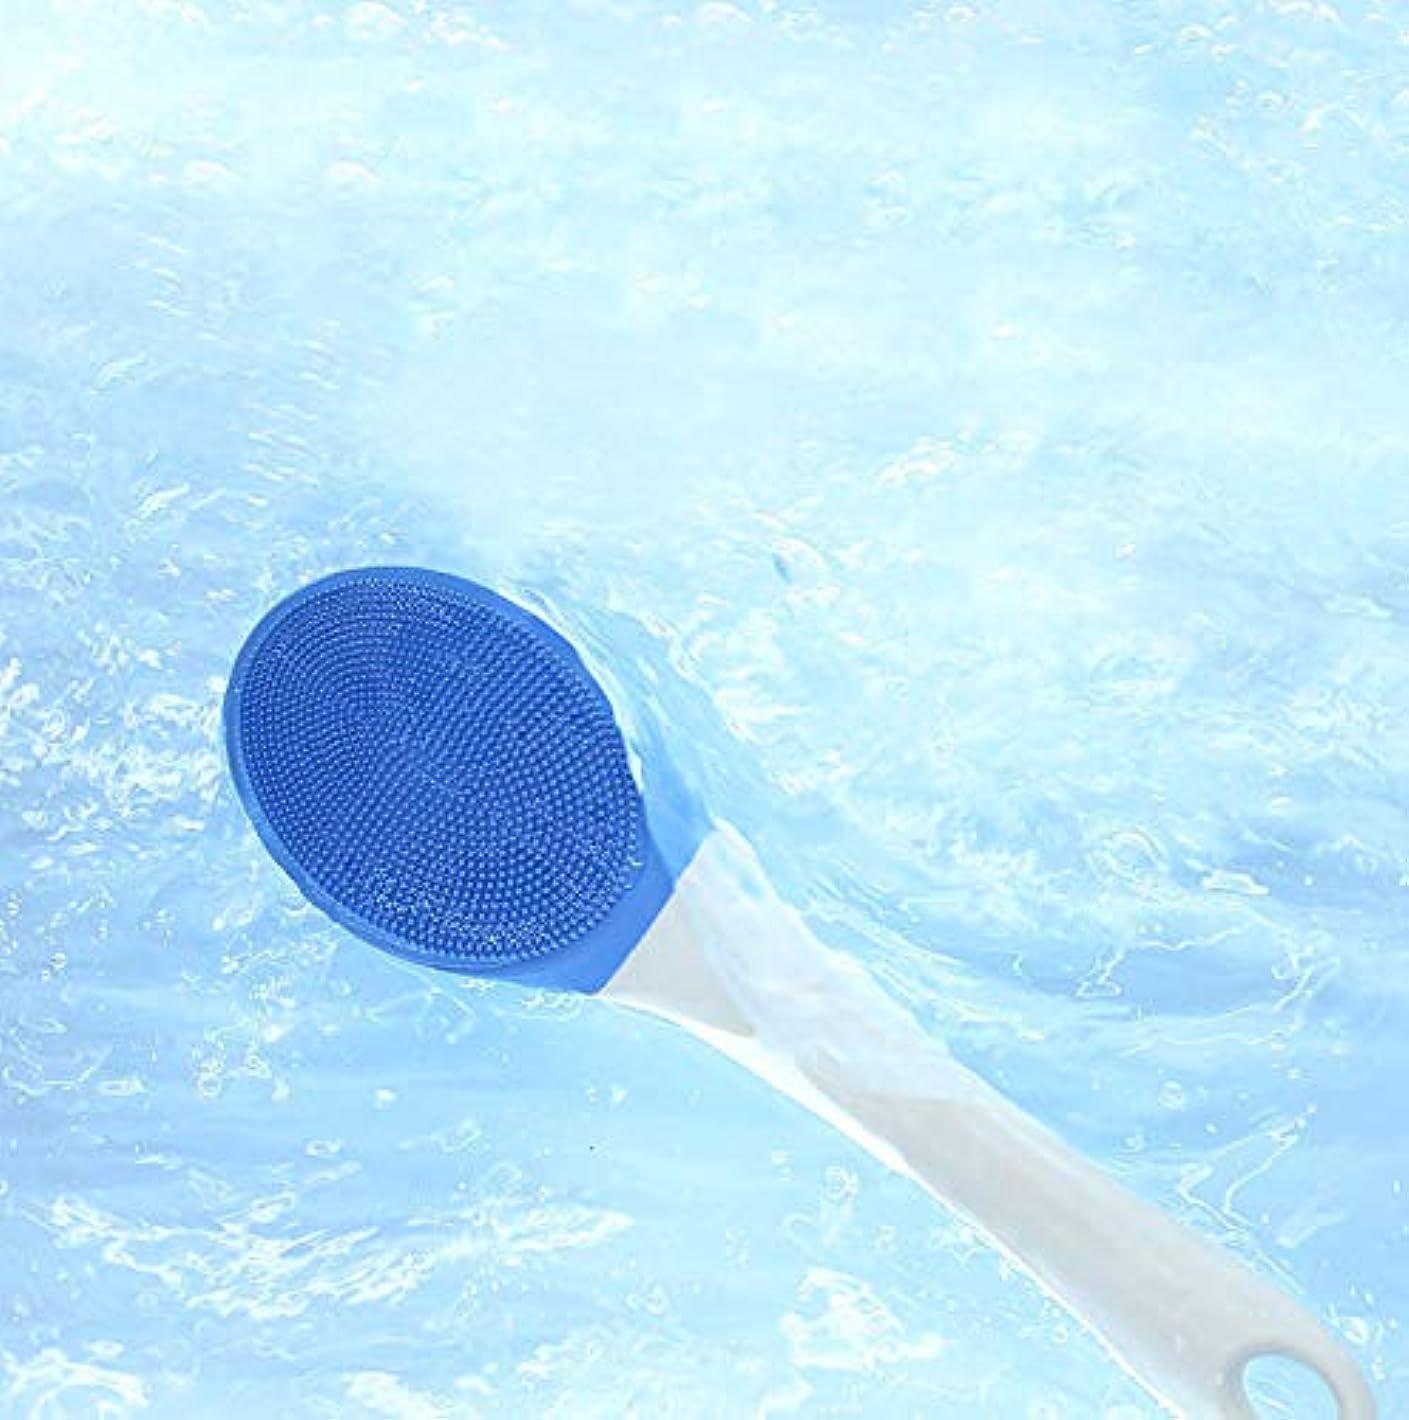 もつれしてはいけないコピー電気バスブラシ、防水ボディ、洗顔ブラシロングハンドルソニック電動スクラバーディープクリーニング用3スピード調整可能なパルス振動,Blue